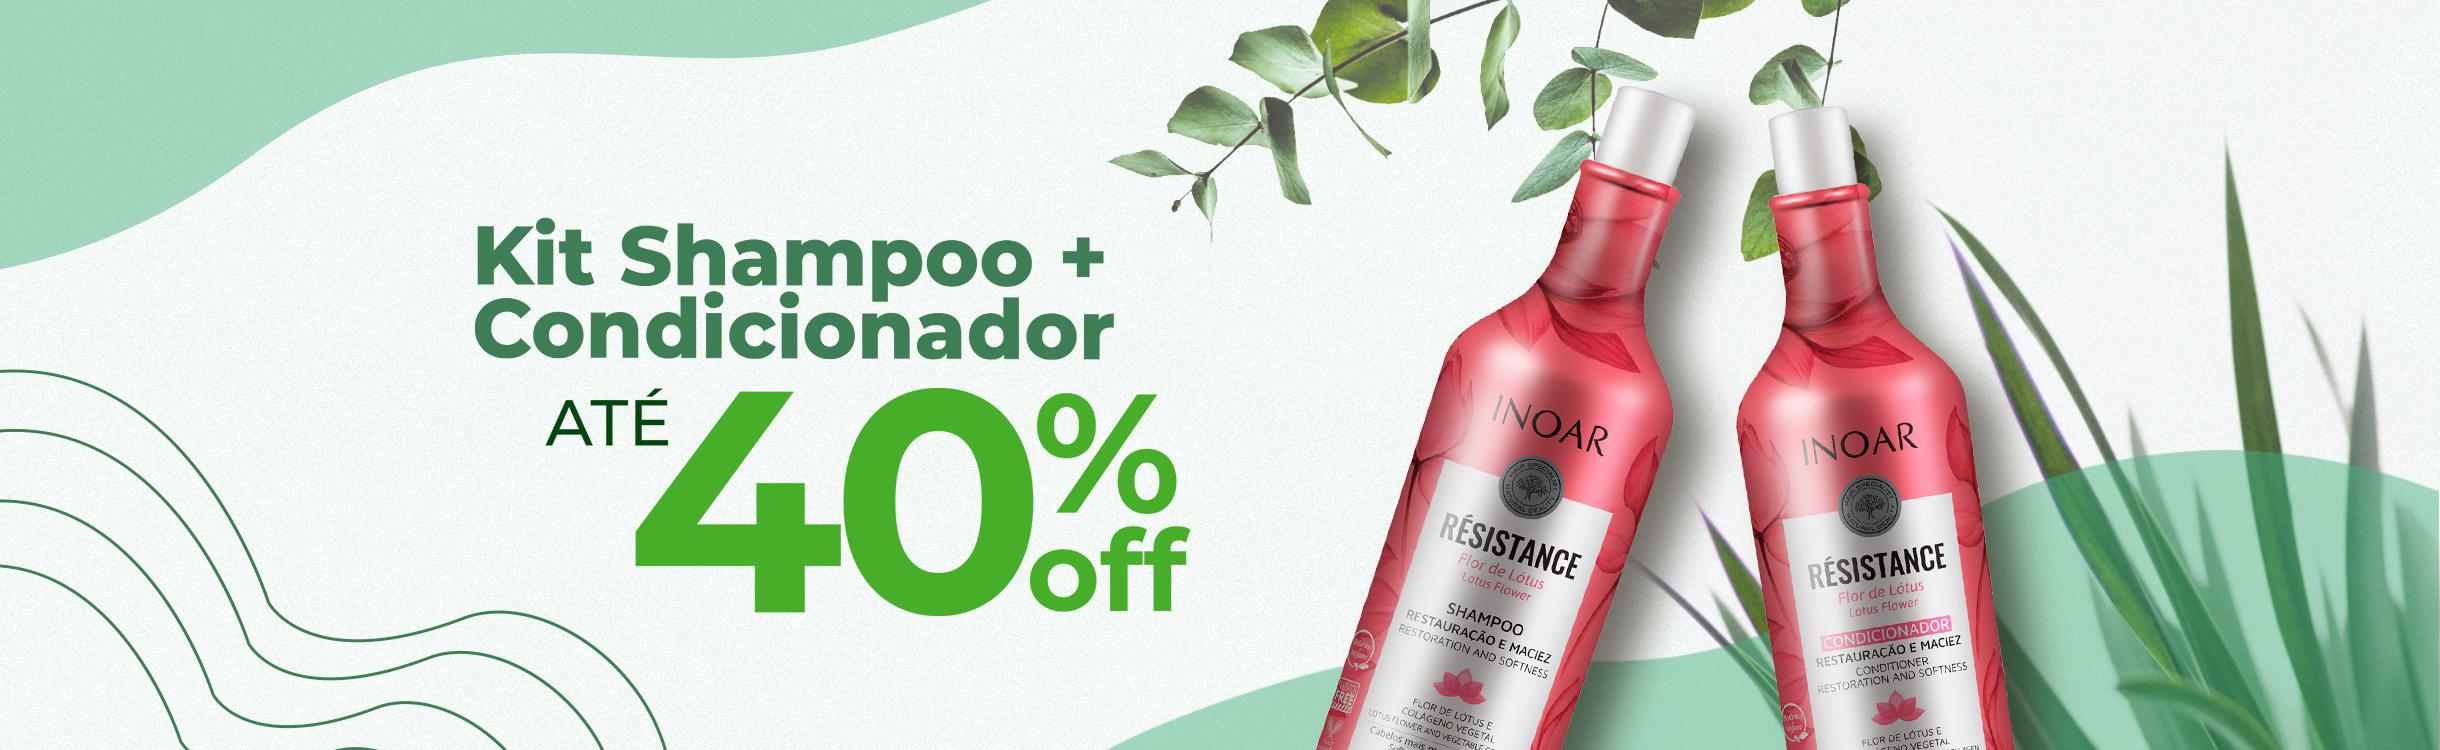 Kit Shampoo + Condicionador até 40%OFF